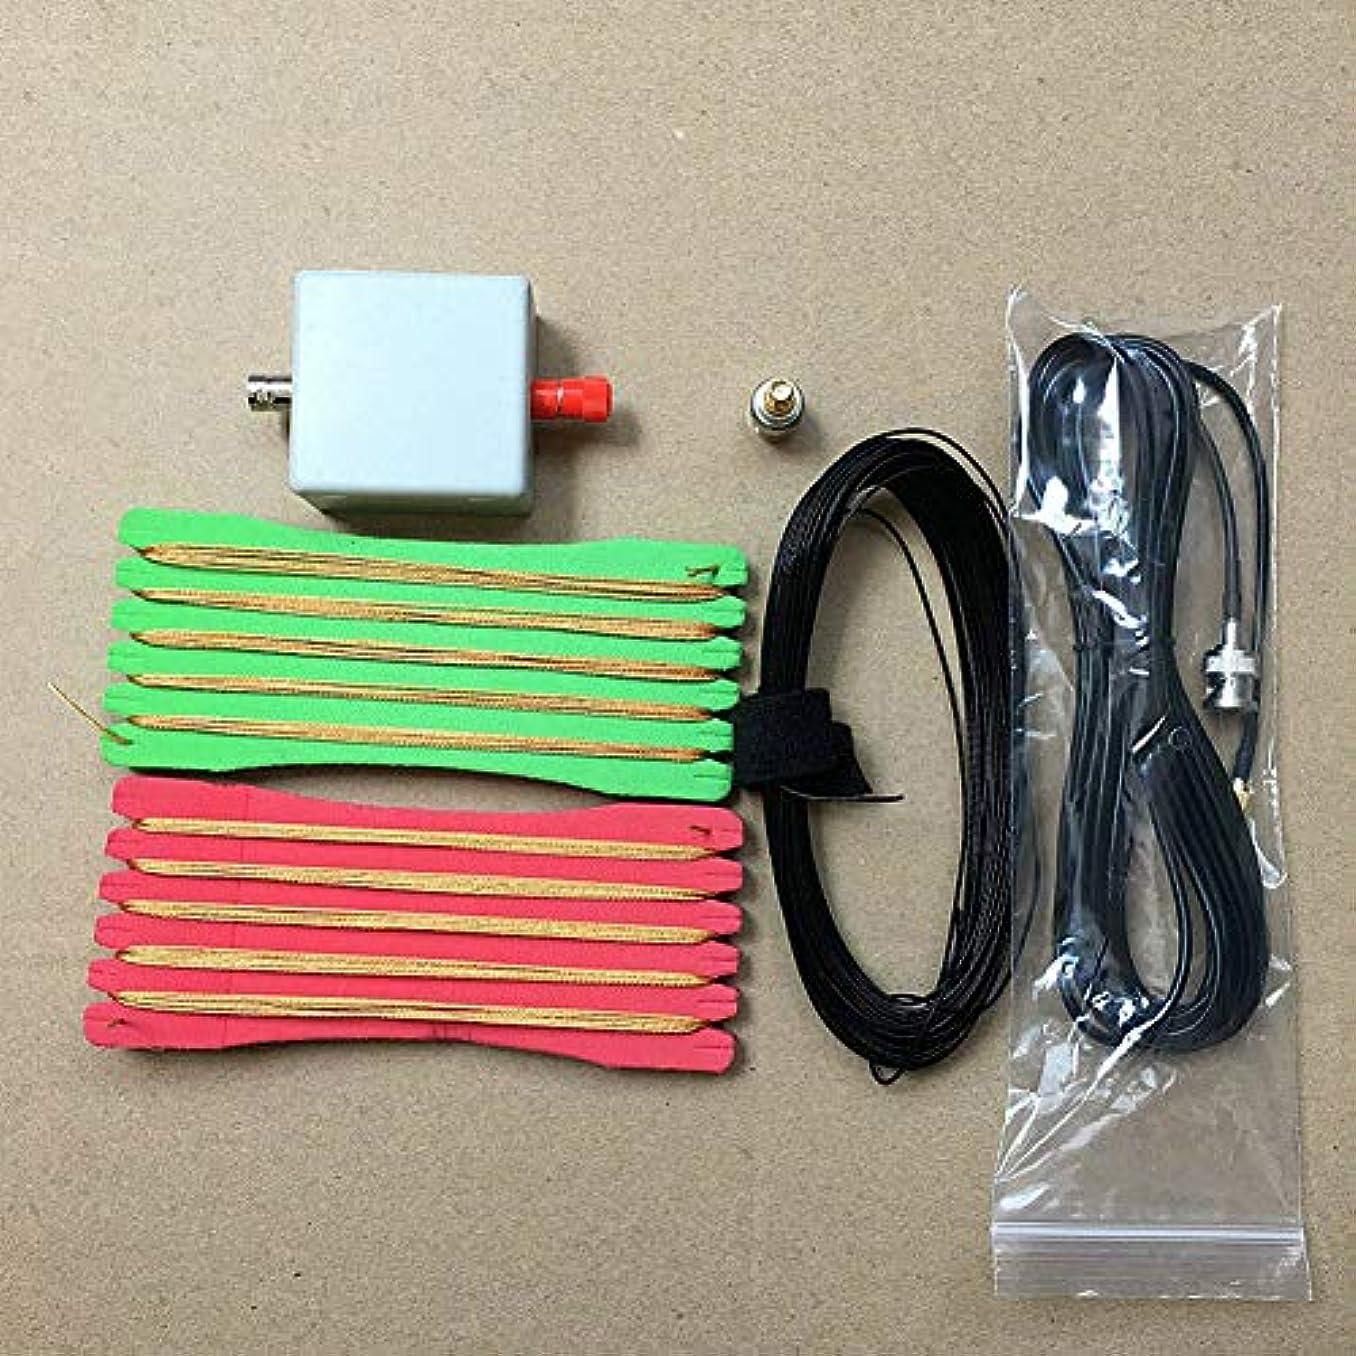 地殻行商人生物学ACHICOO 短波アンテナ 1.6-50 MHz 軽量 小型 ロング LW1650 ポータブル